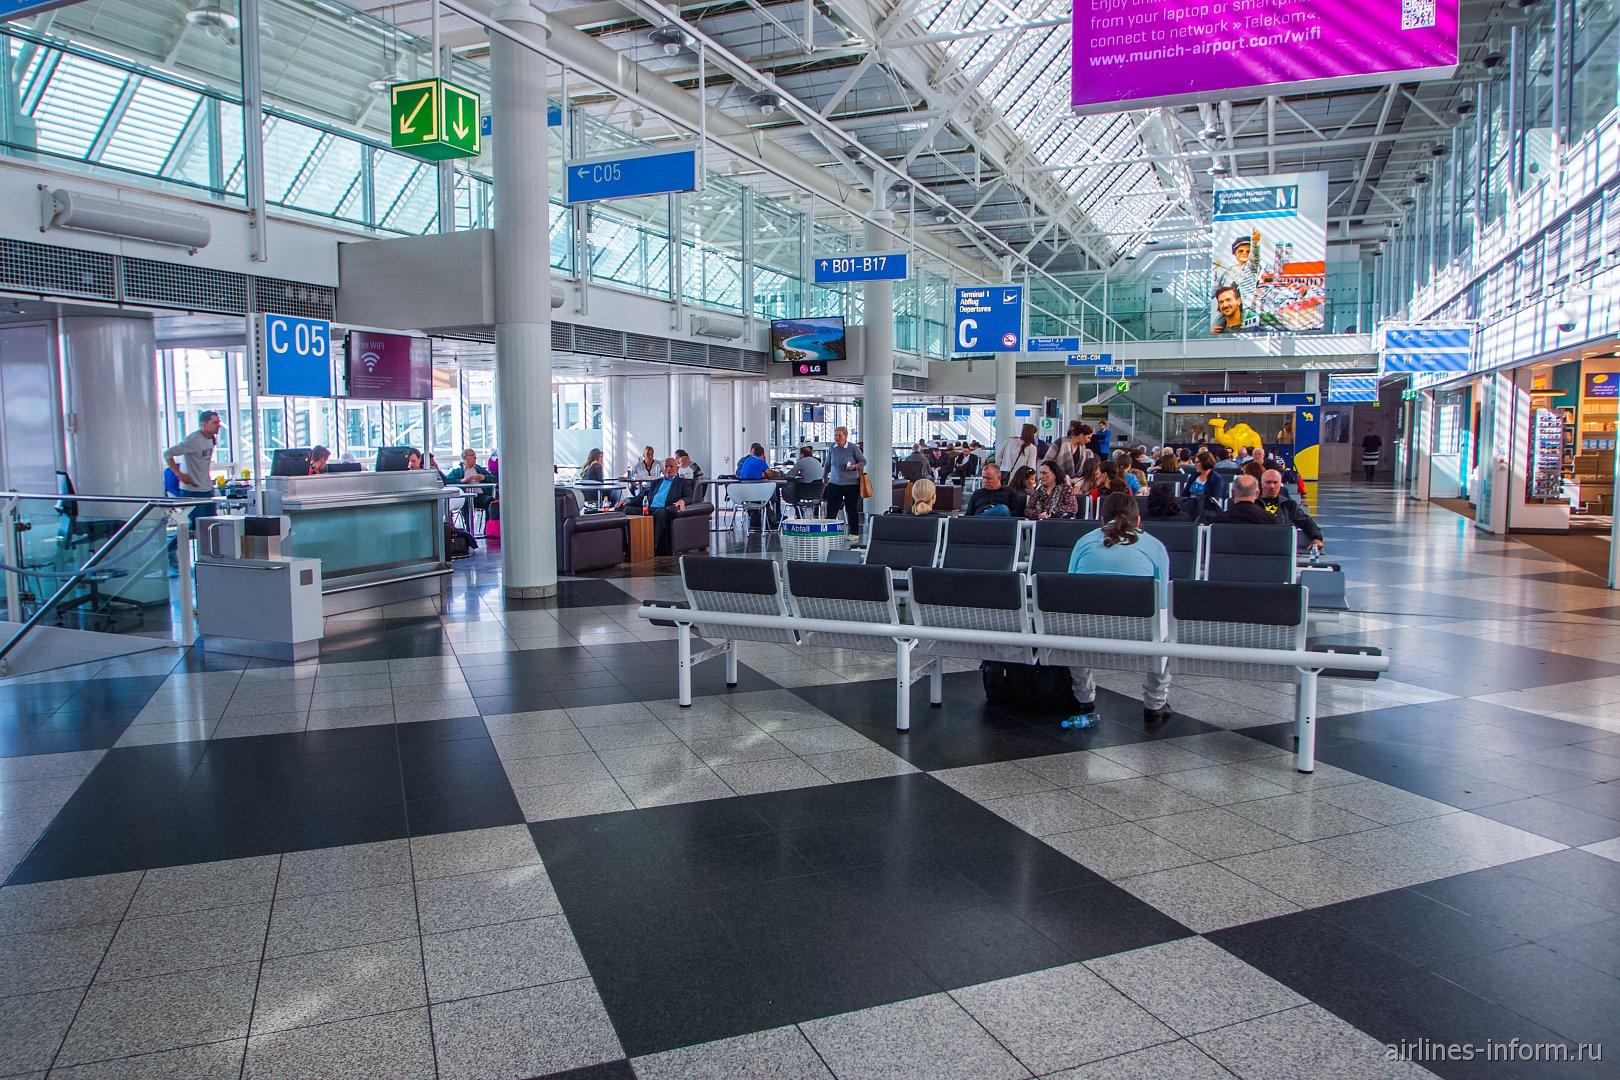 Выходы на посадку в терминале 1 аэропорта Мюнхен